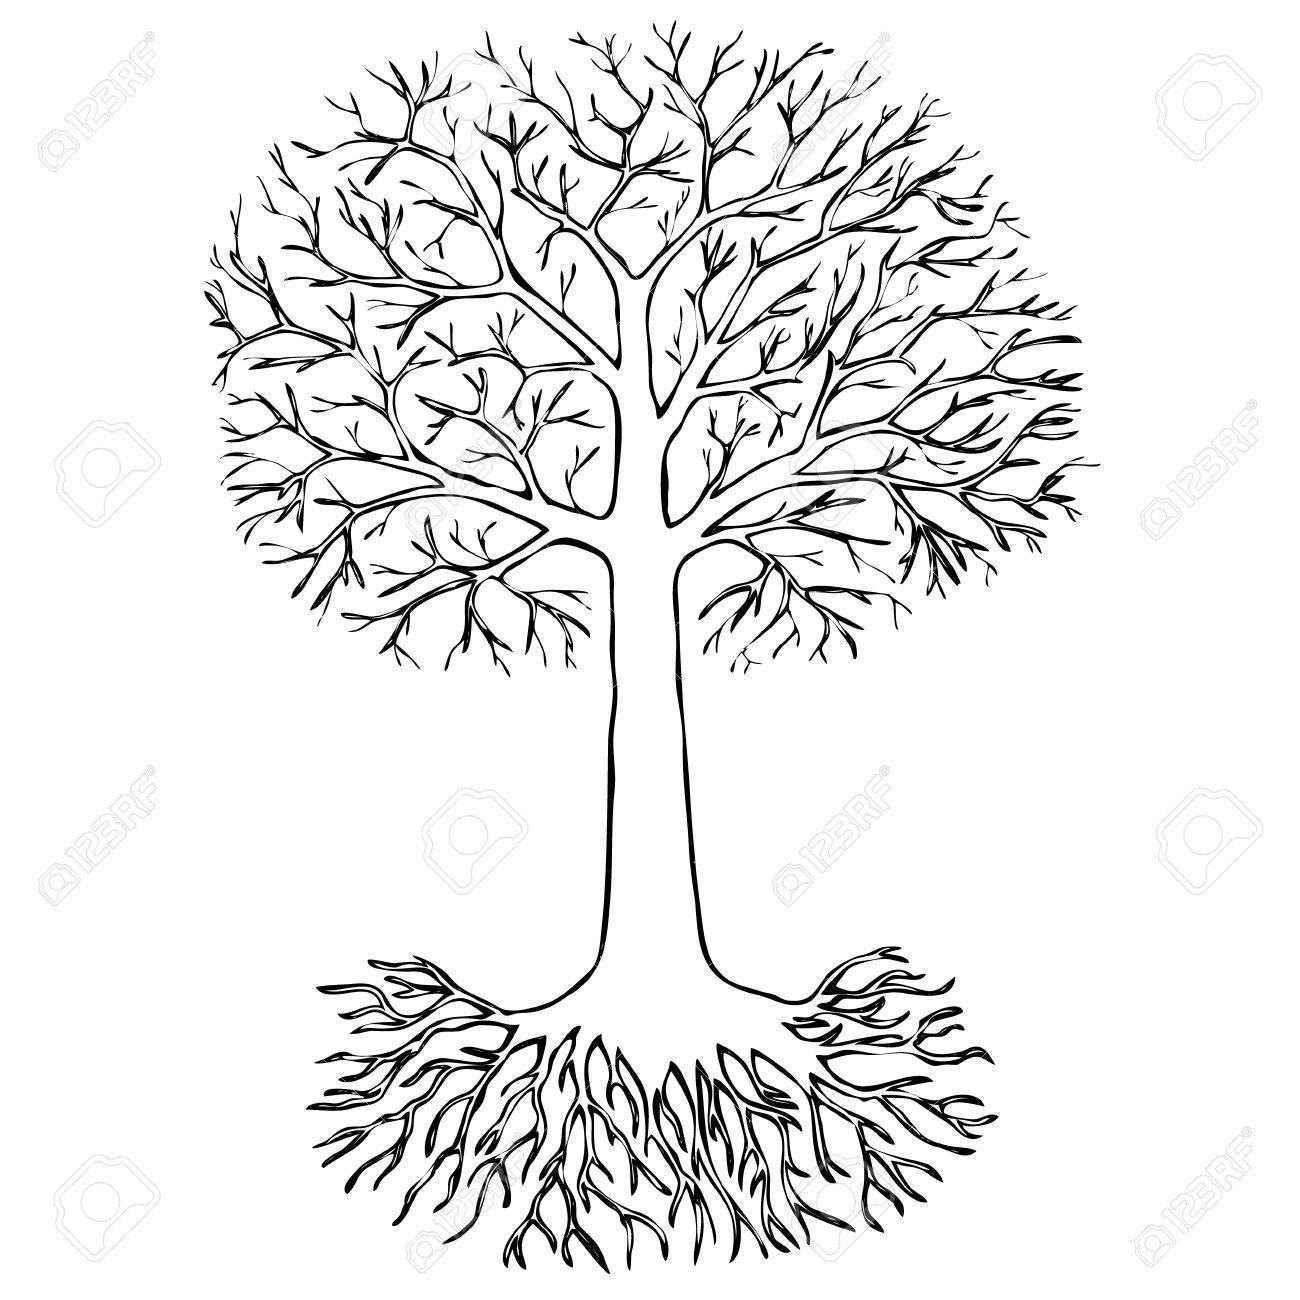 árbol Con Raíces En El Fondo Blanco Dibujo Ilustraciones